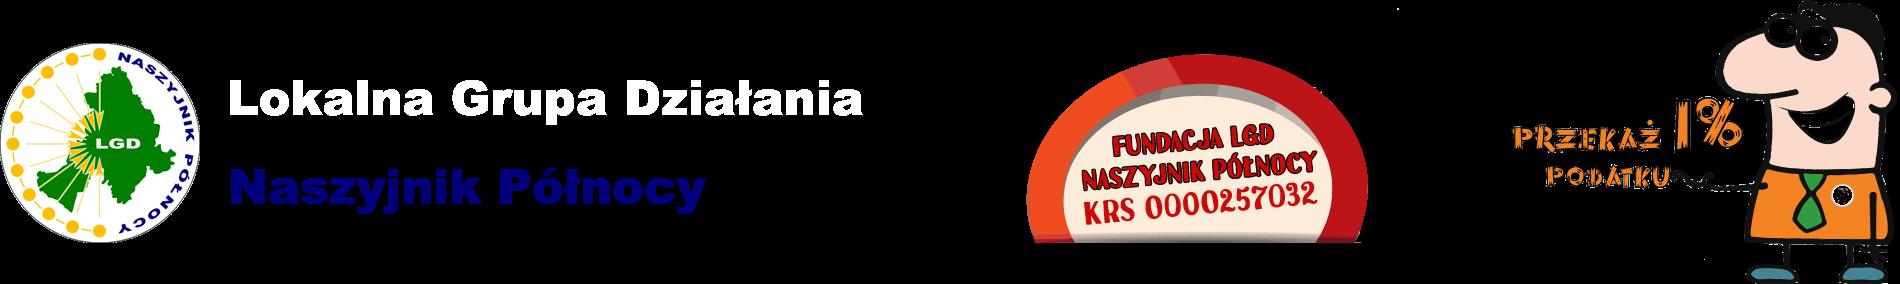 Fundacja Lokalna Grupa Działania – Naszyjnik Północy